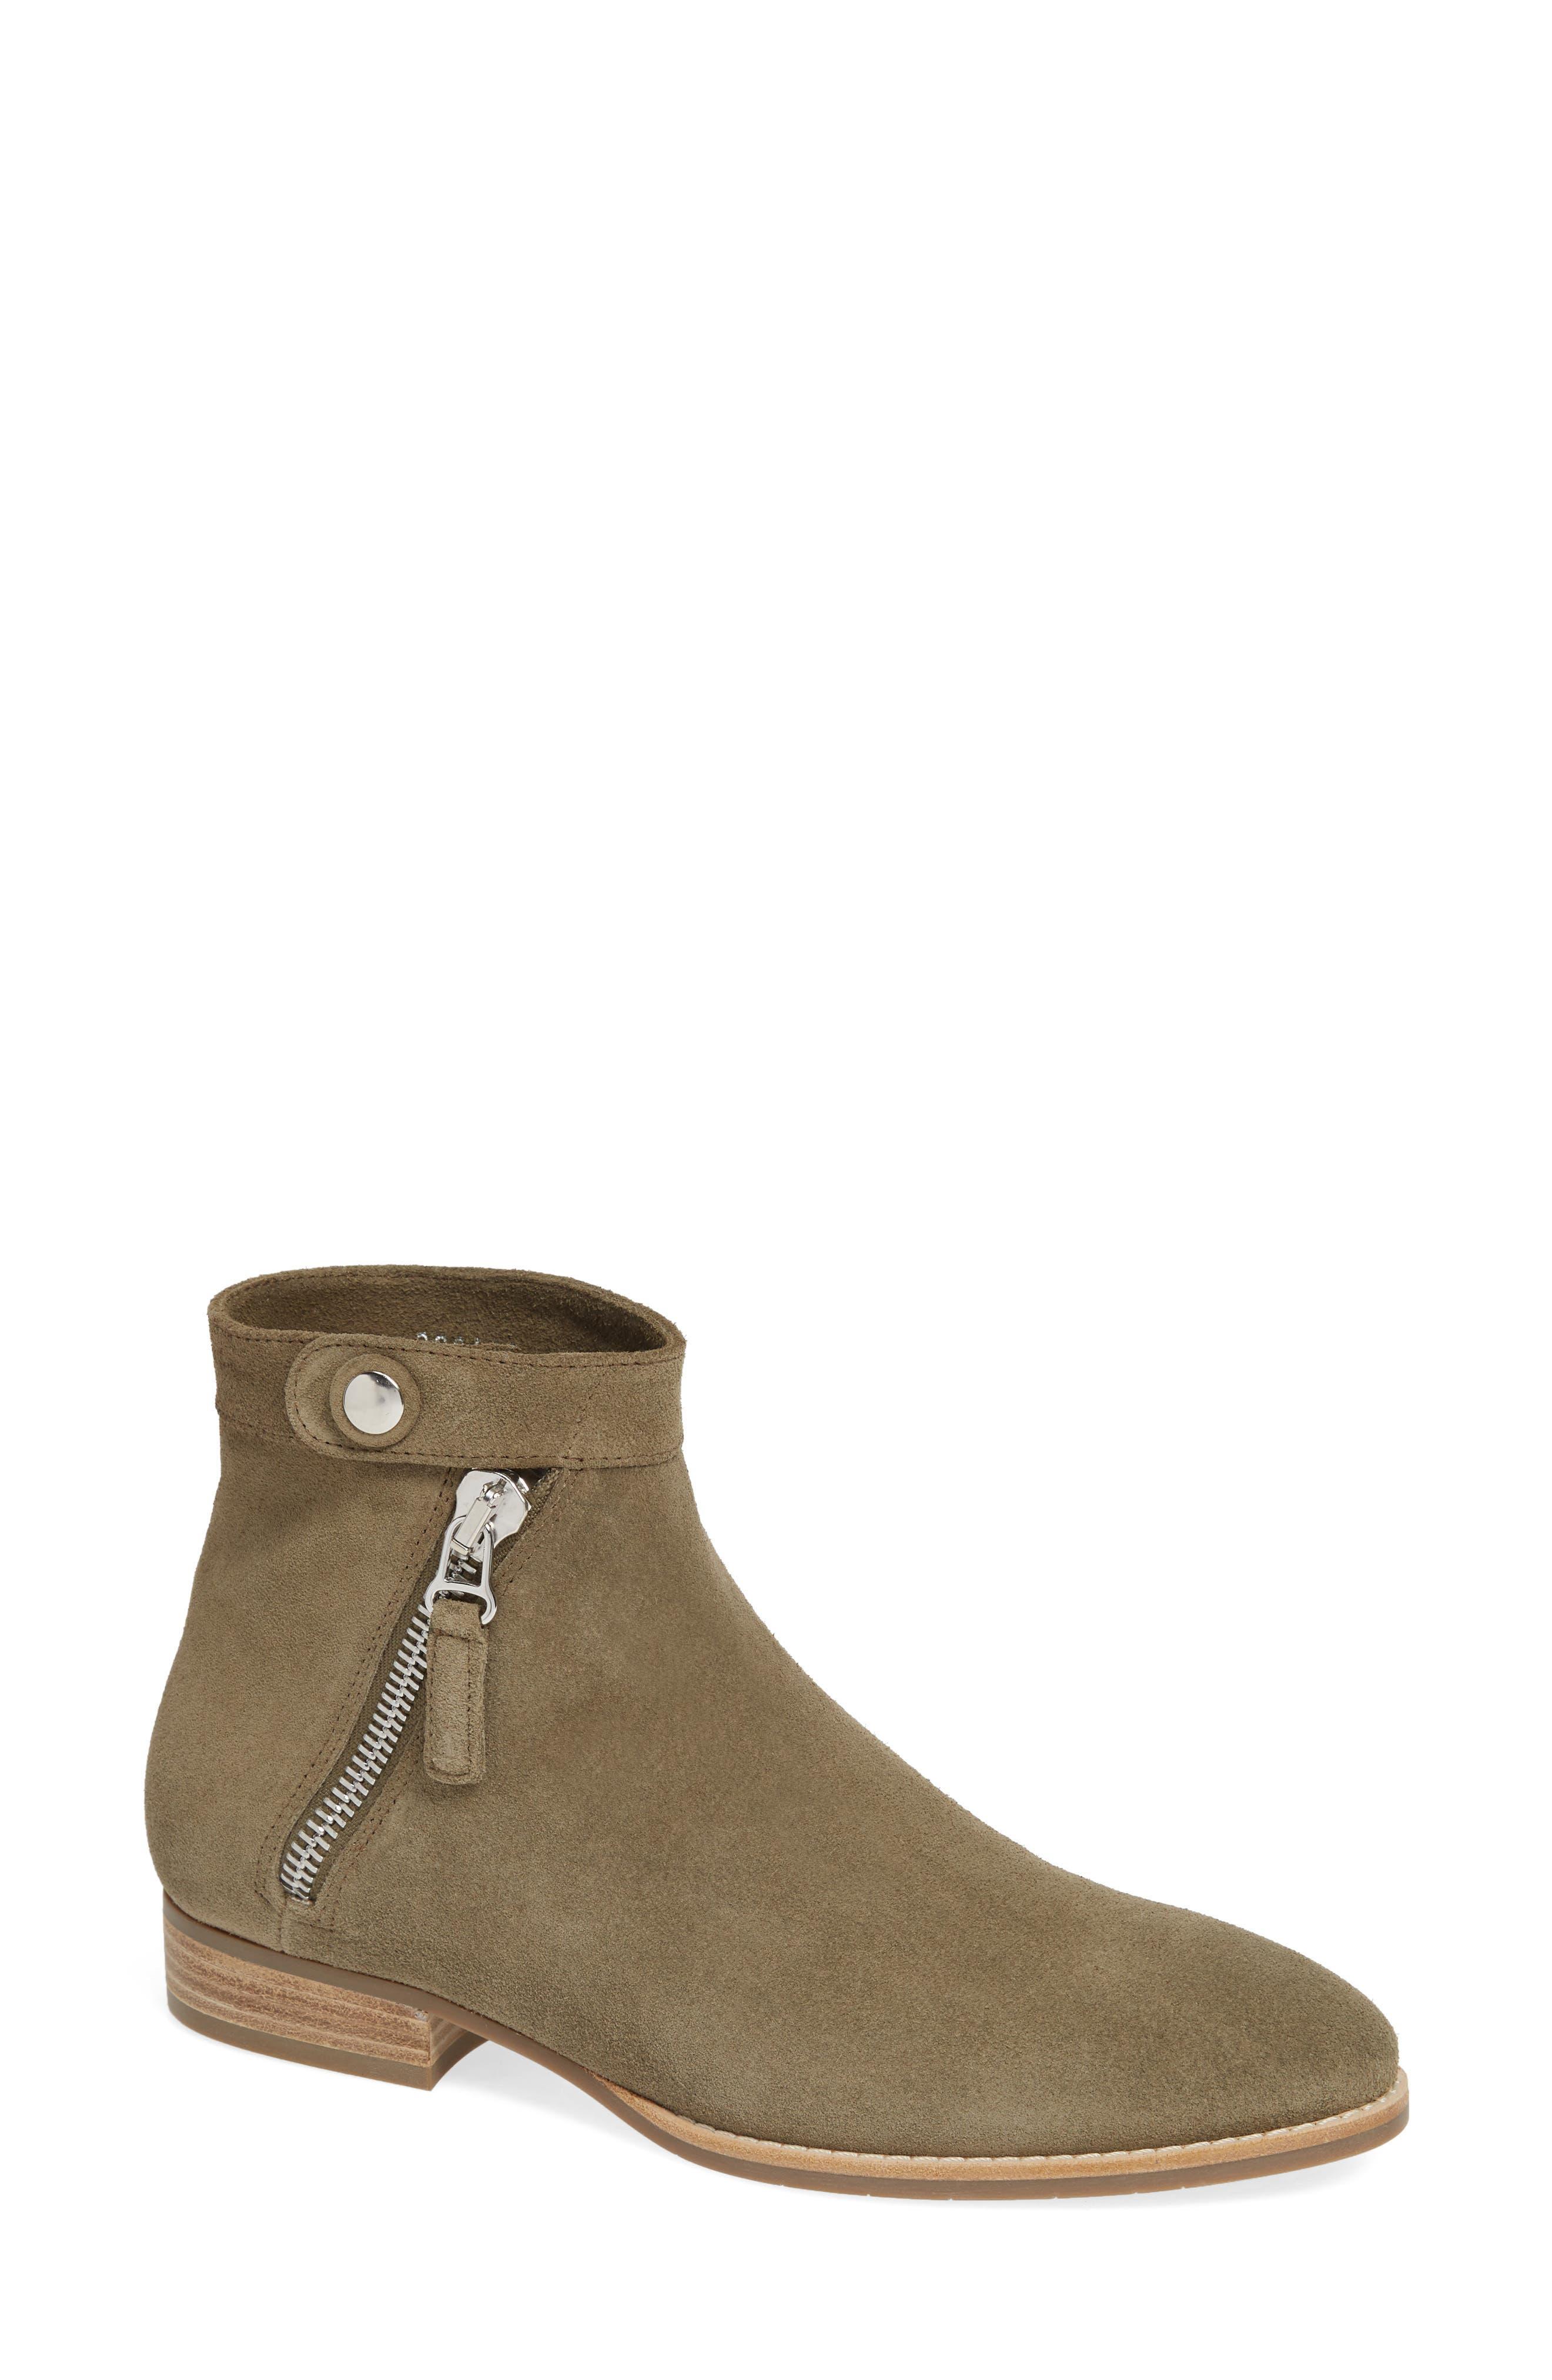 Aquatalia Rose Suede Boot, Green